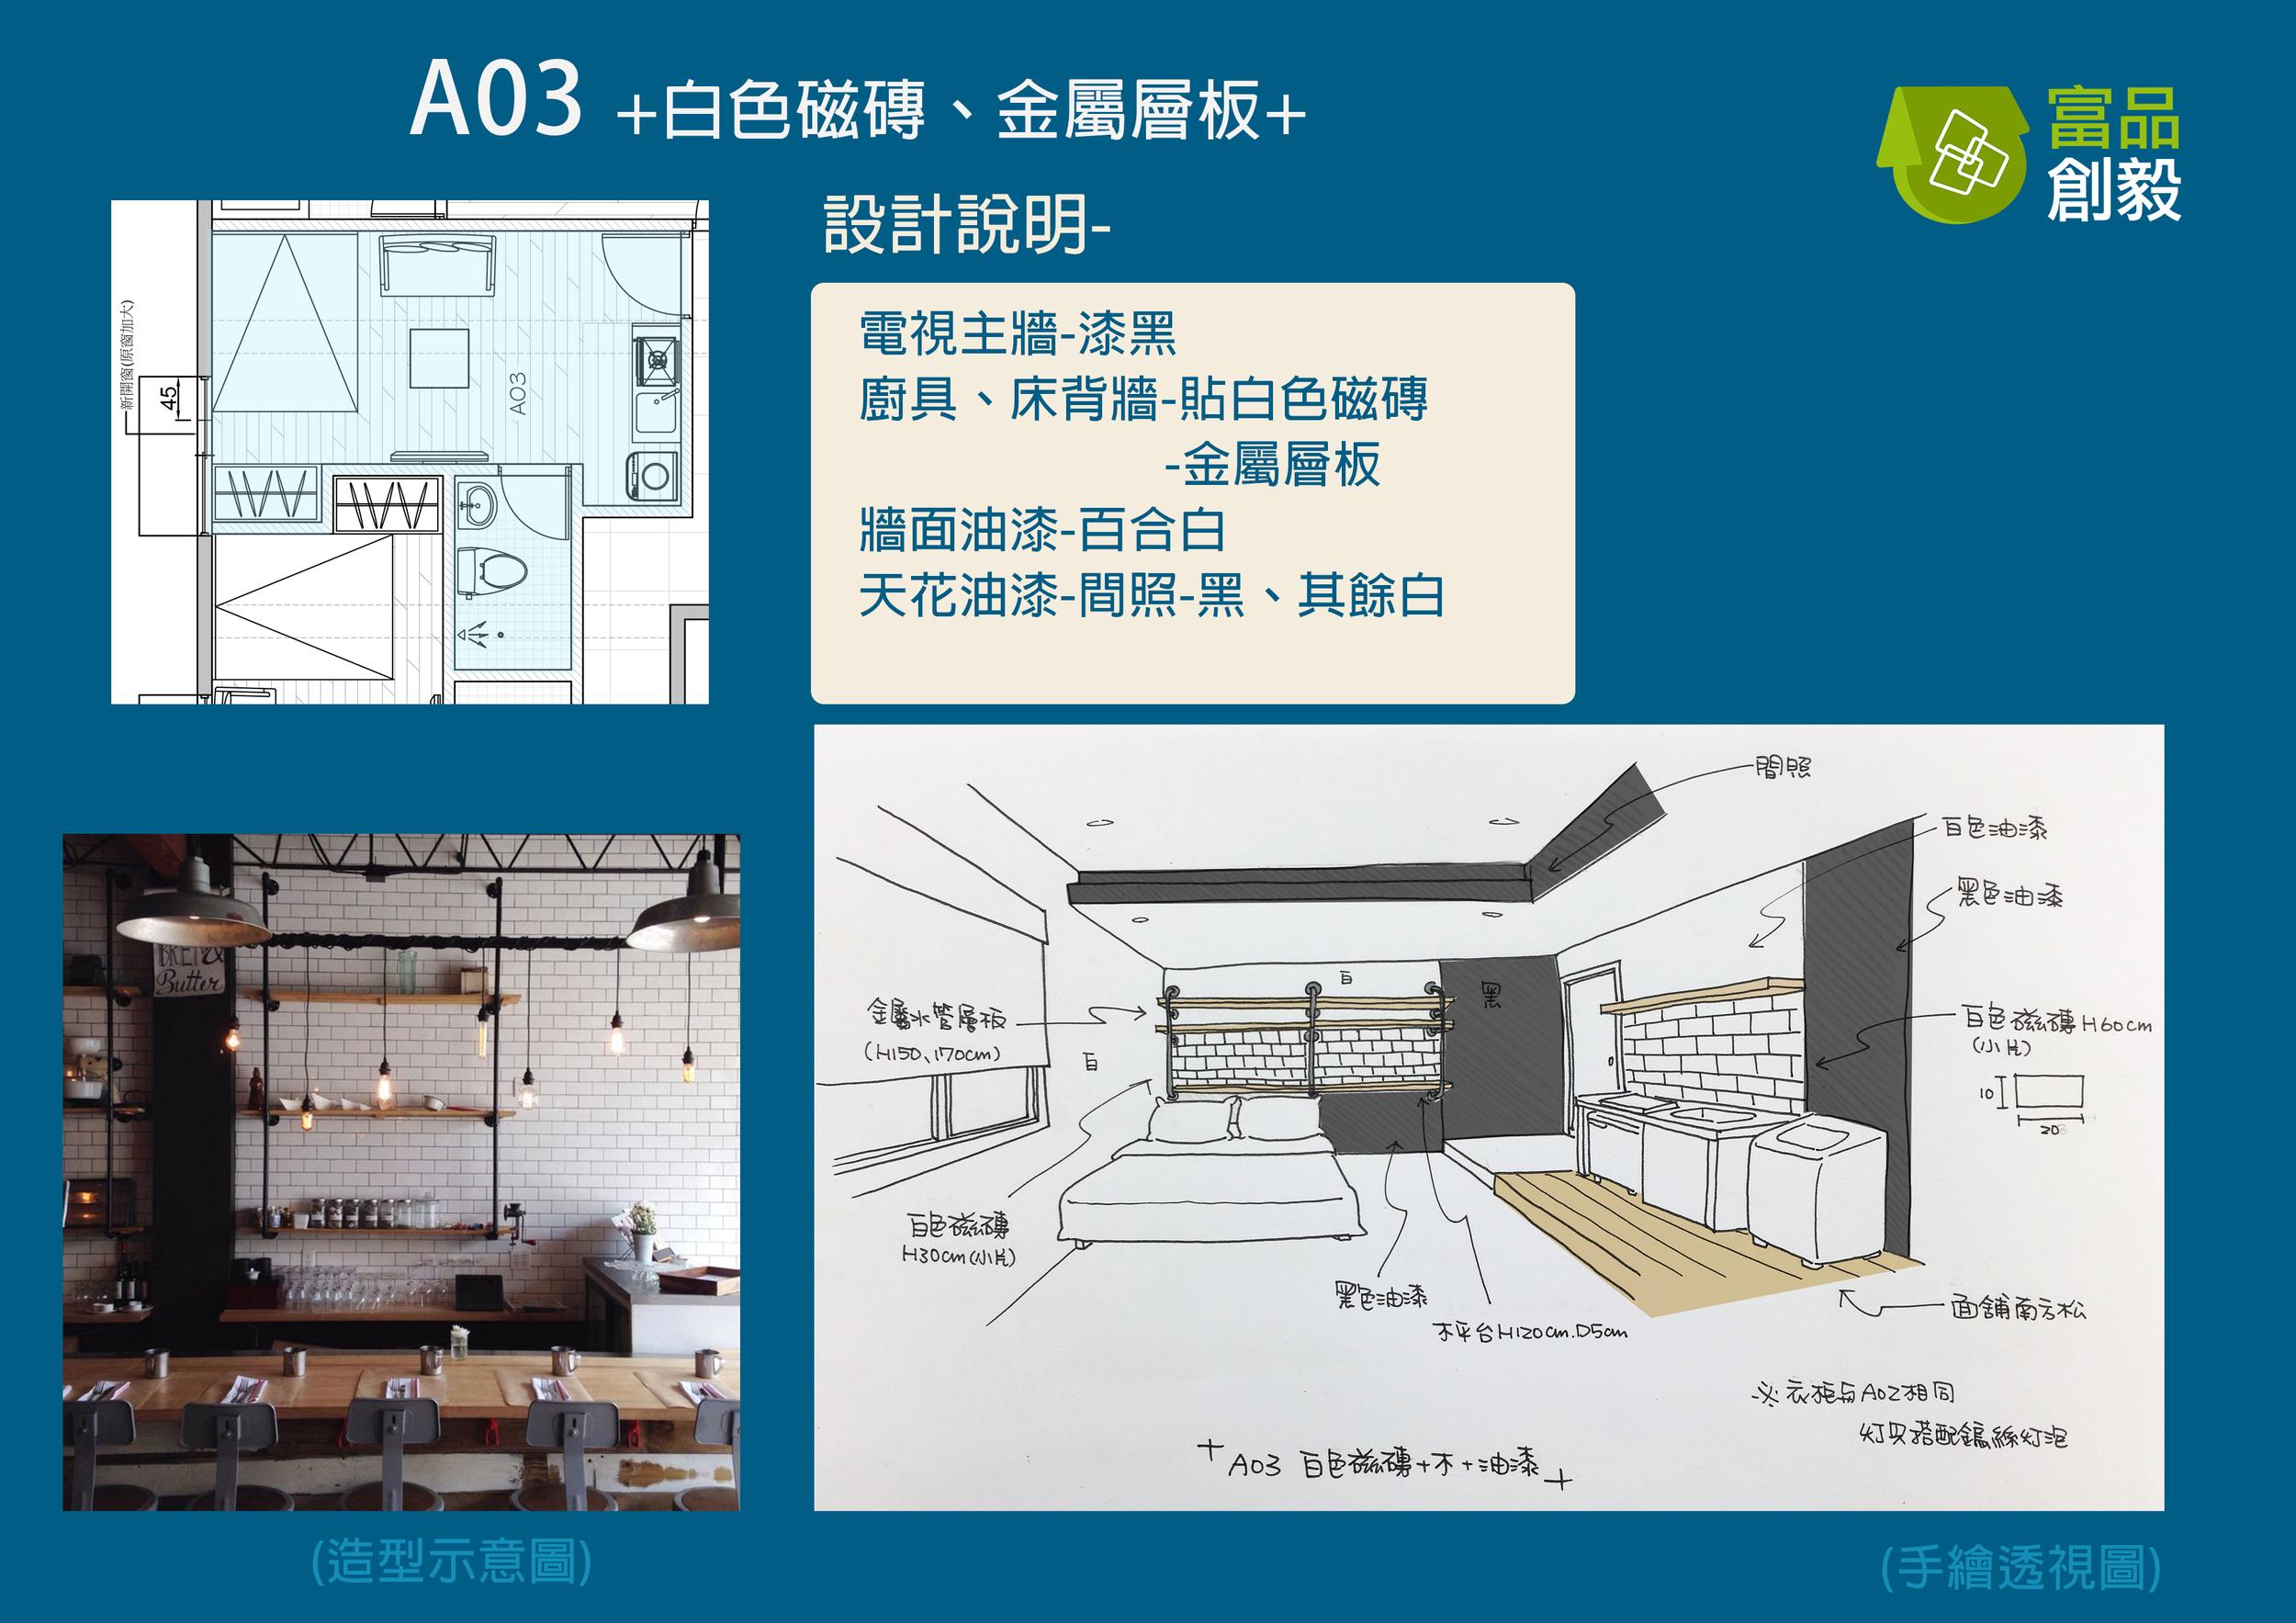 長江路風格-A03.jpg